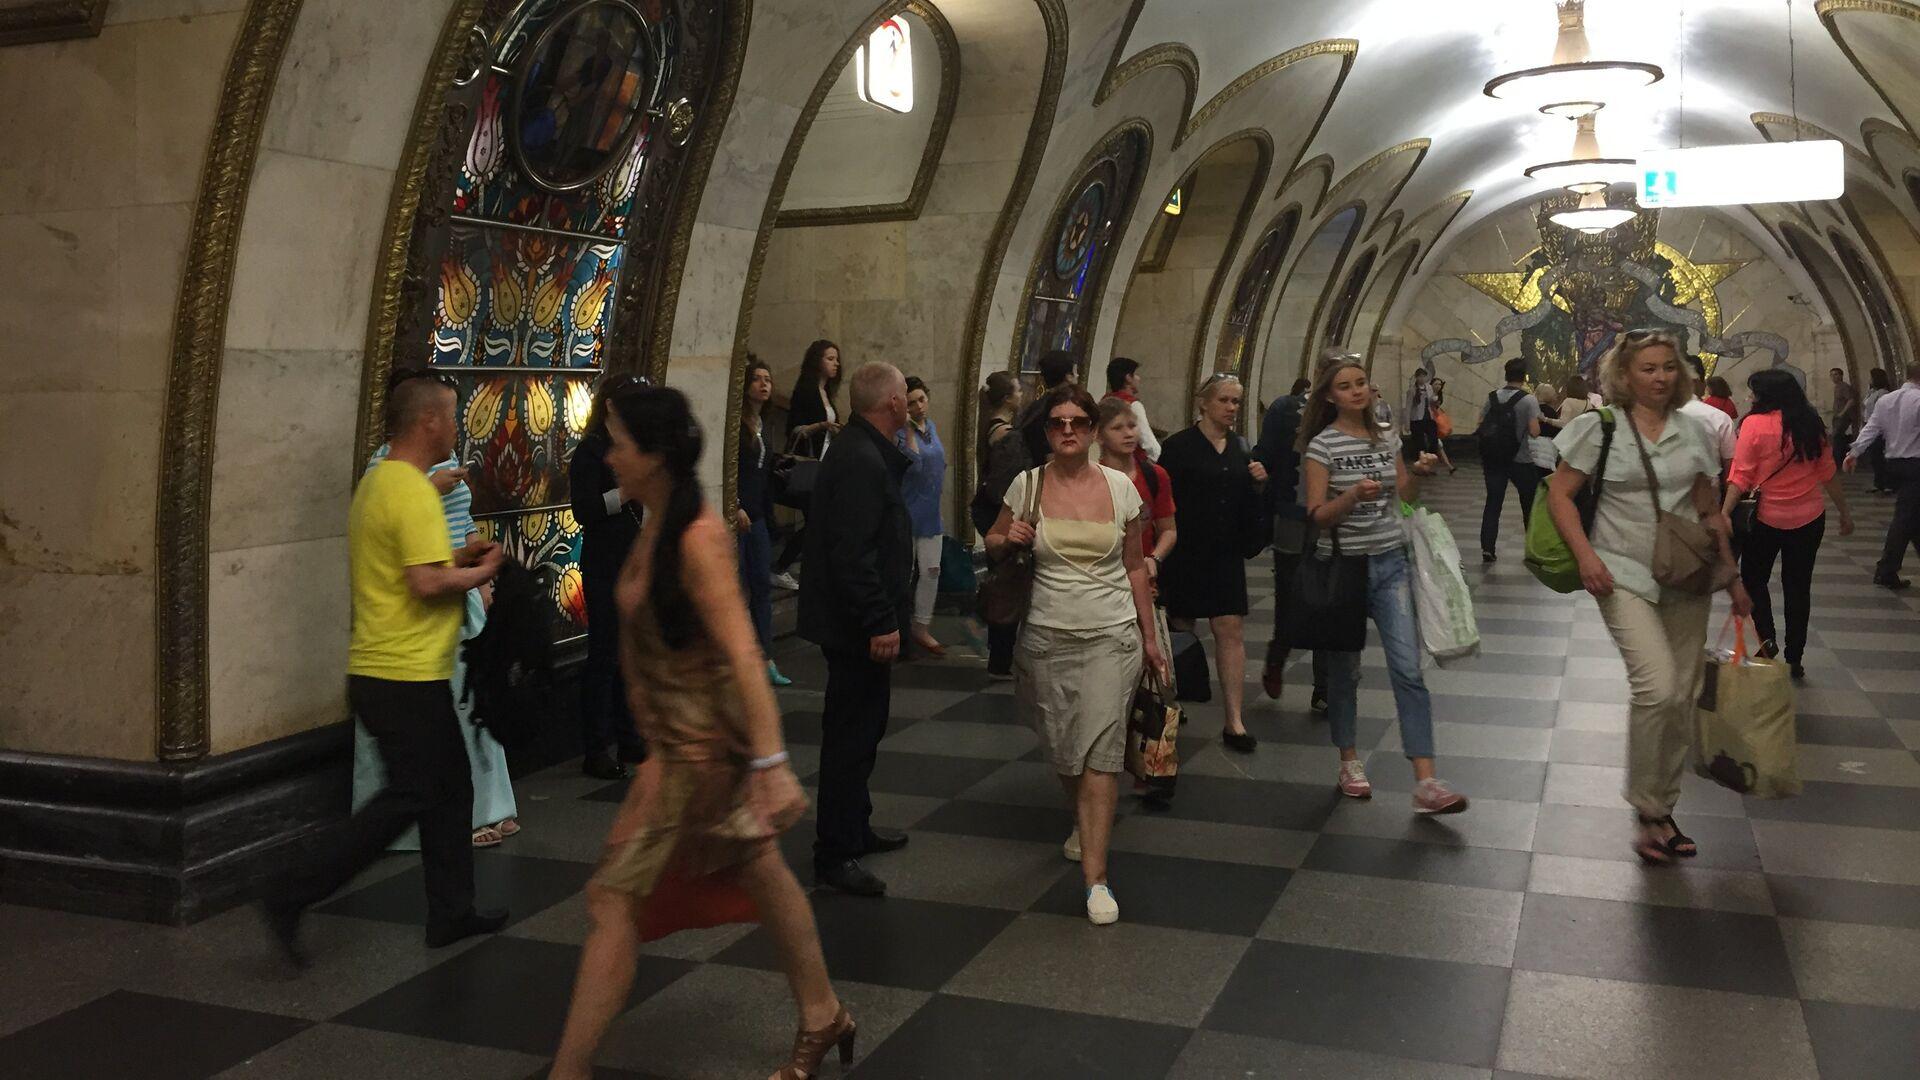 Alla stazione Novoslobodskaja della metro di Mosca - Sputnik Italia, 1920, 14.06.2021